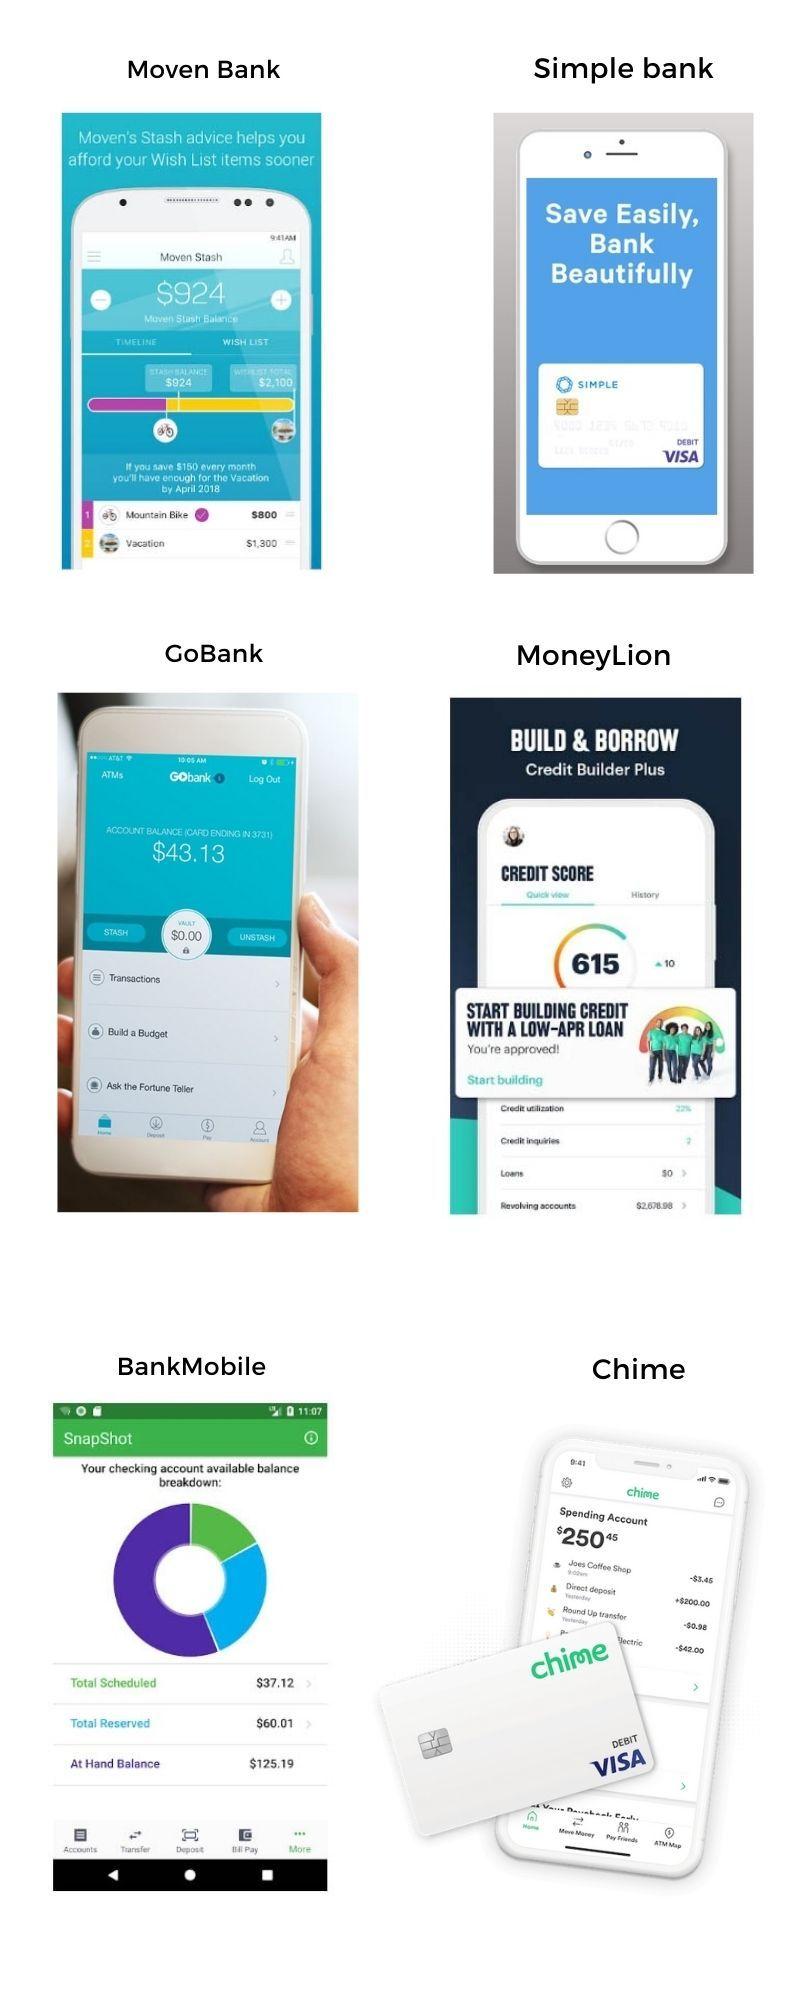 Top digital banks in the UAE